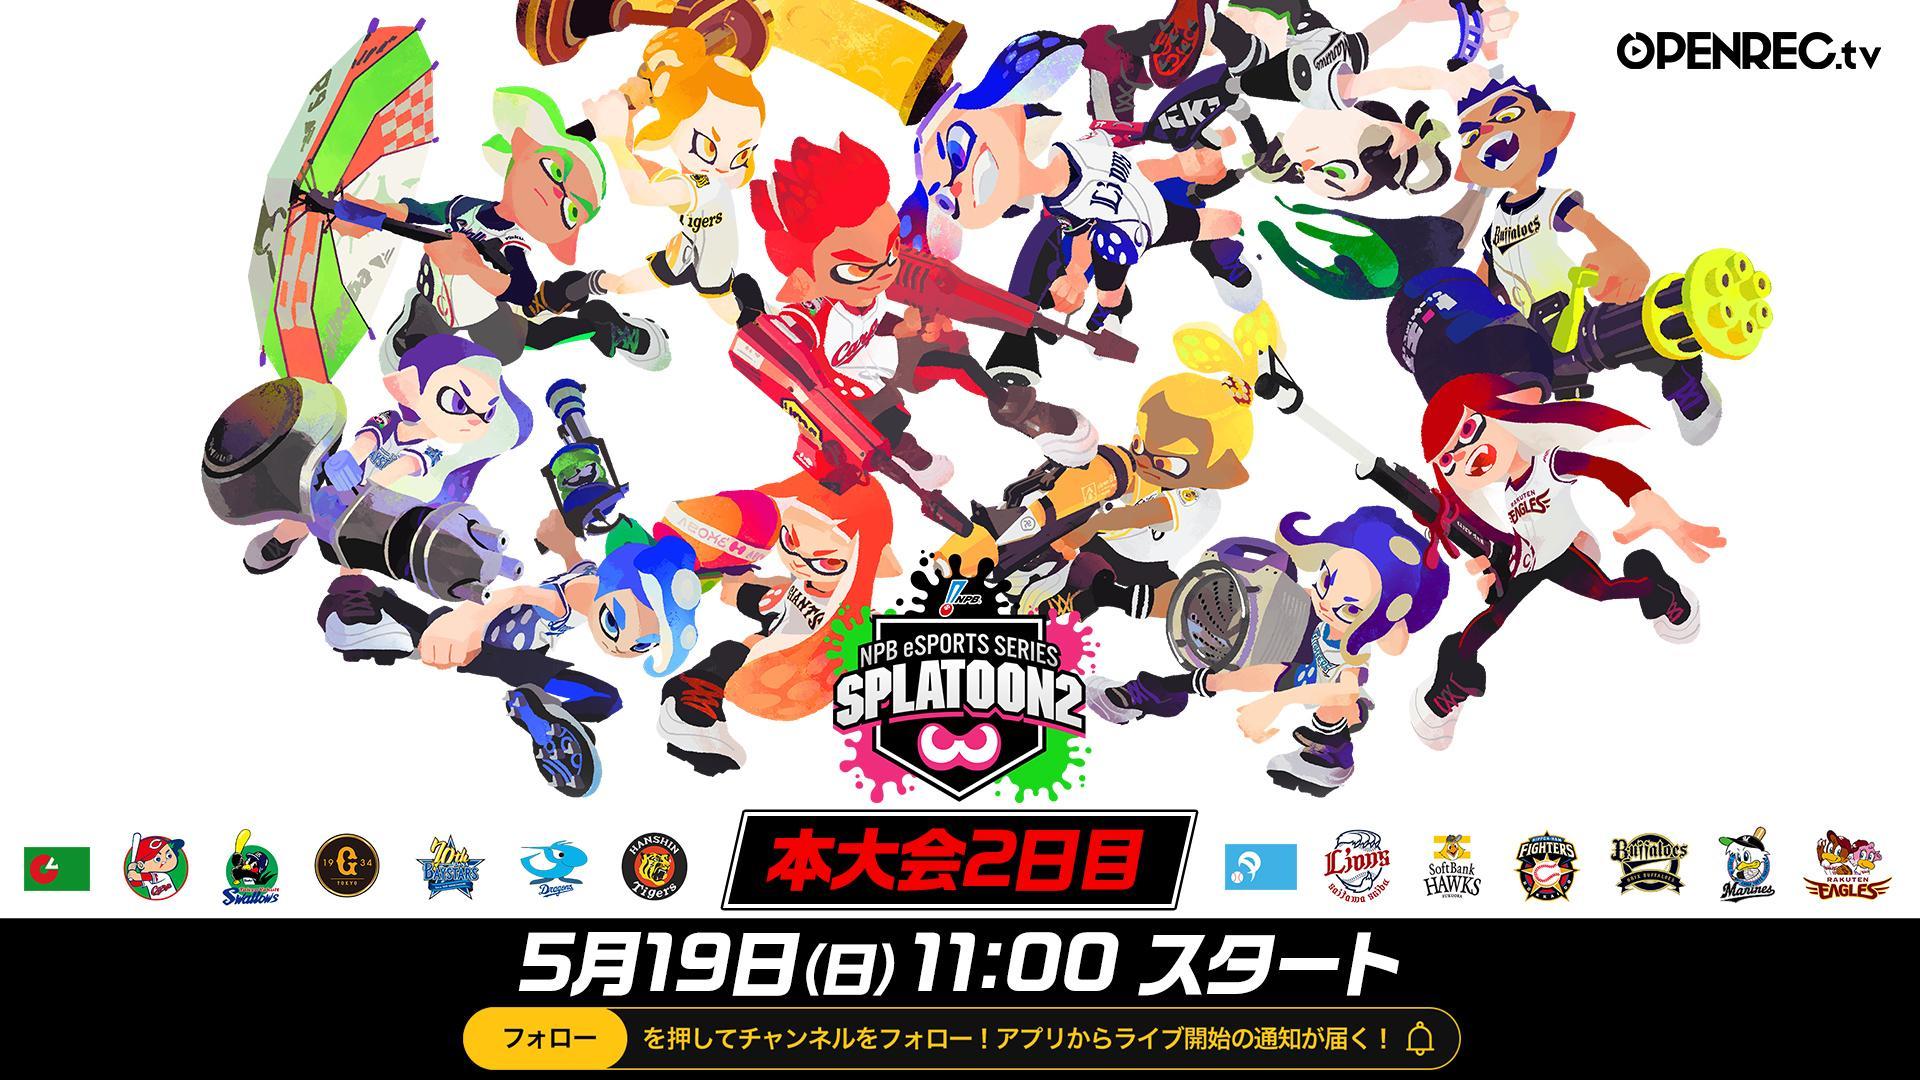 Npb Eスポーツシリーズ スプラトゥーン2 本大会2日目 Openrec Tv